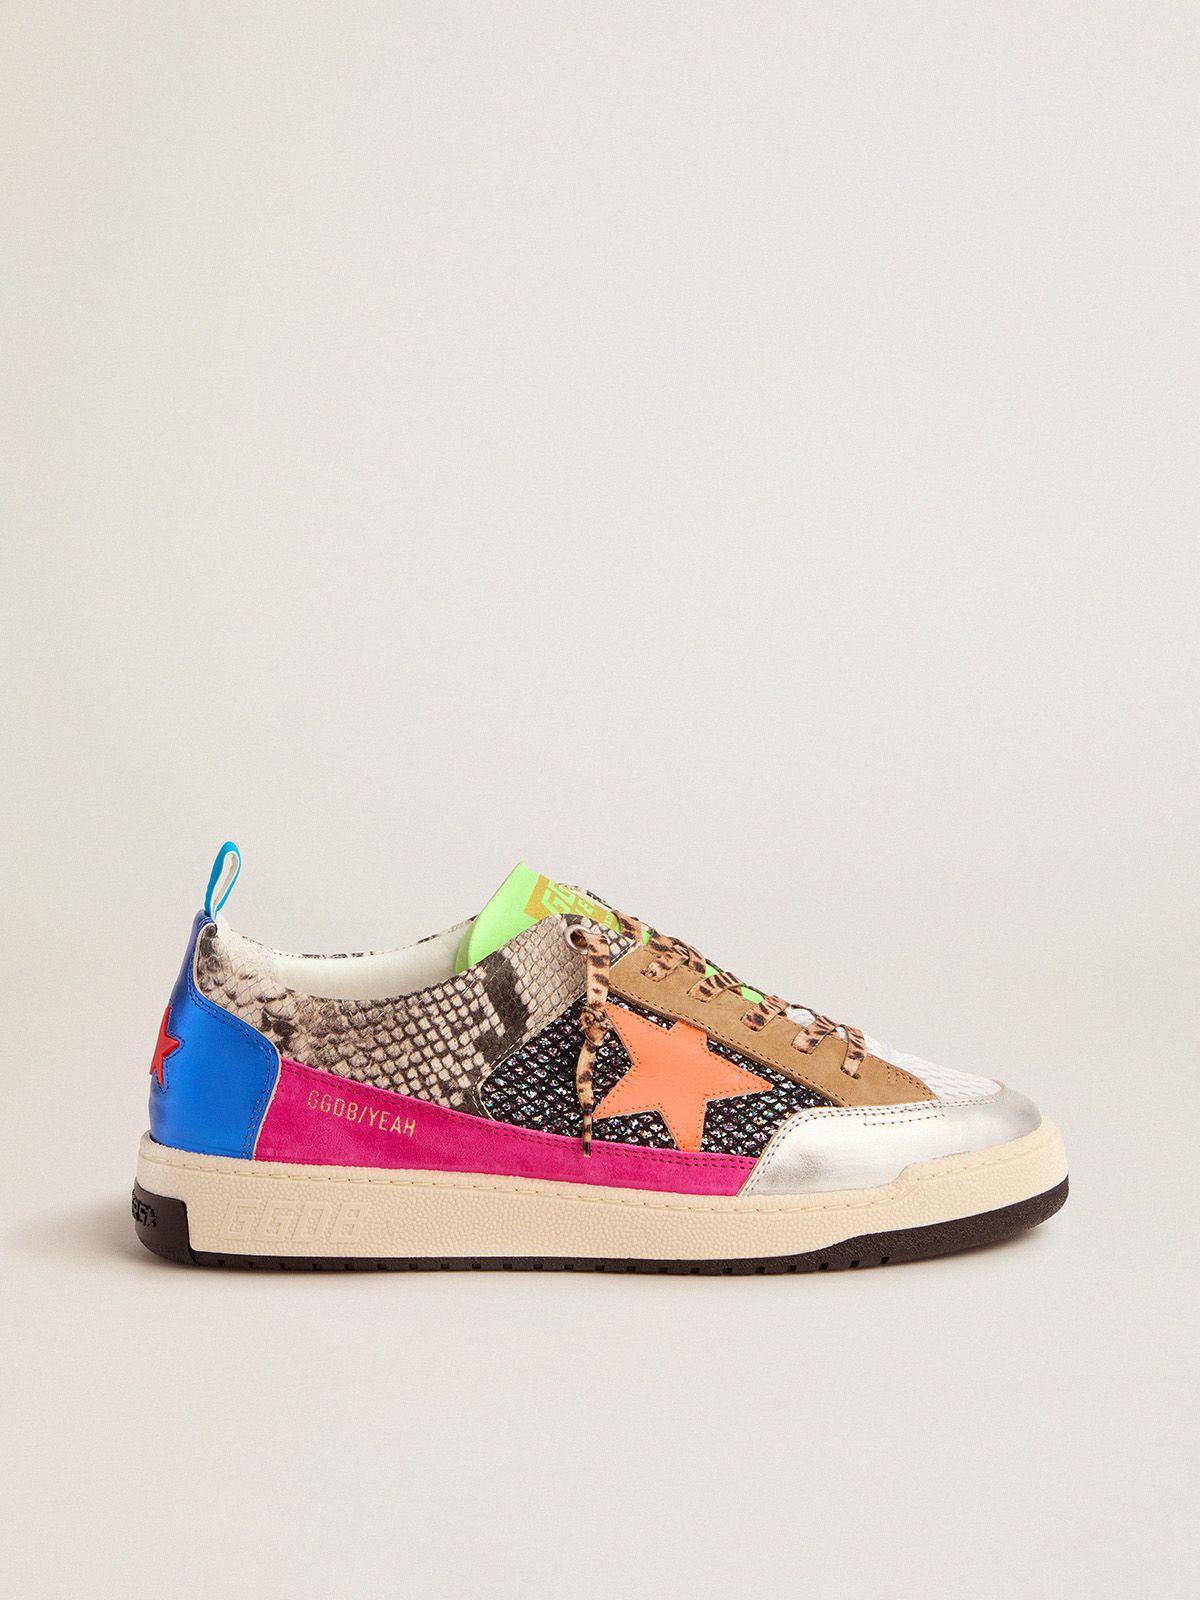 Men's snakeskin-print Yeah sneakers with orange star